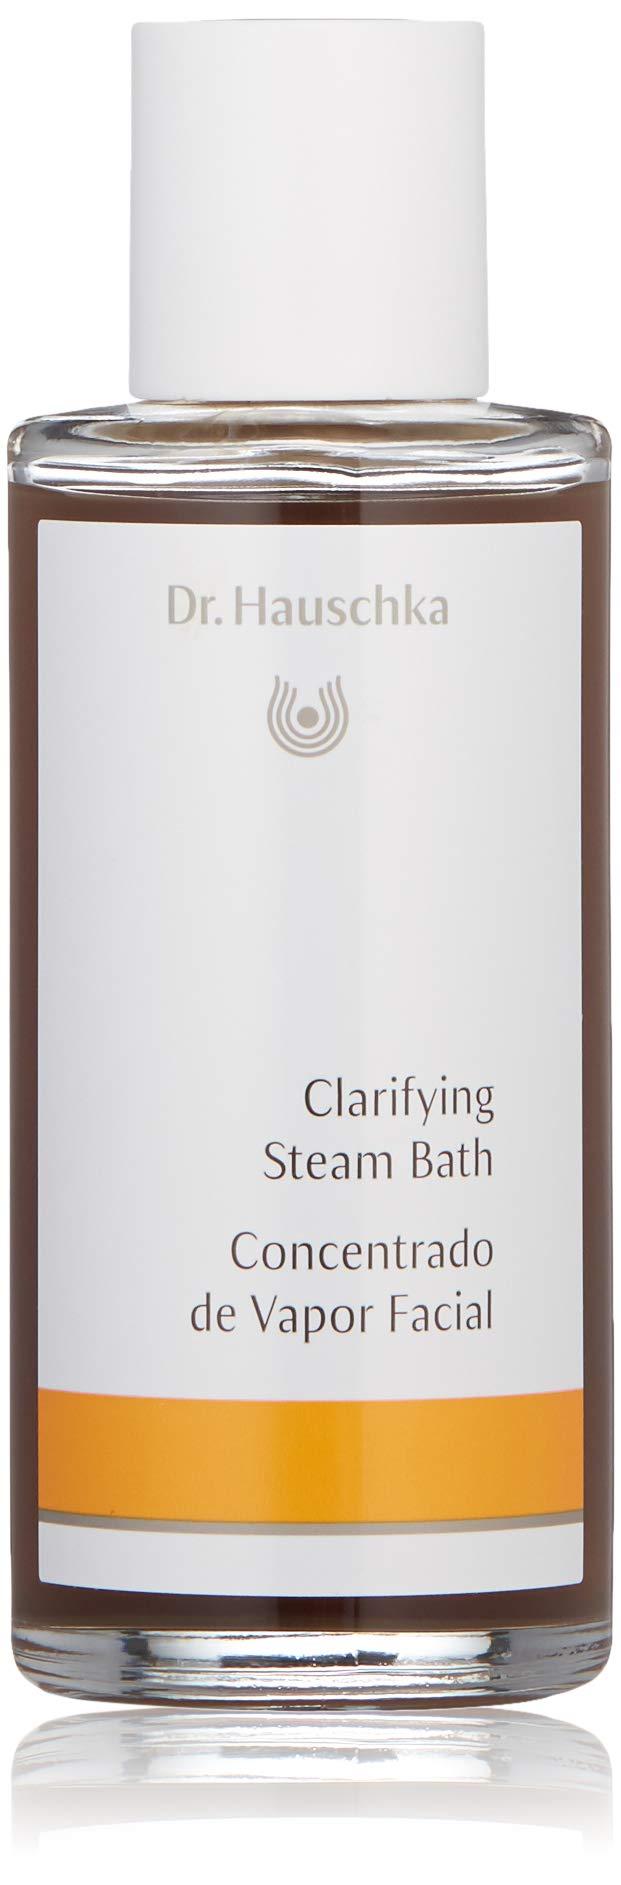 Dr. Hauschka Clarifying Steam Bath, 3.4 Fl Oz